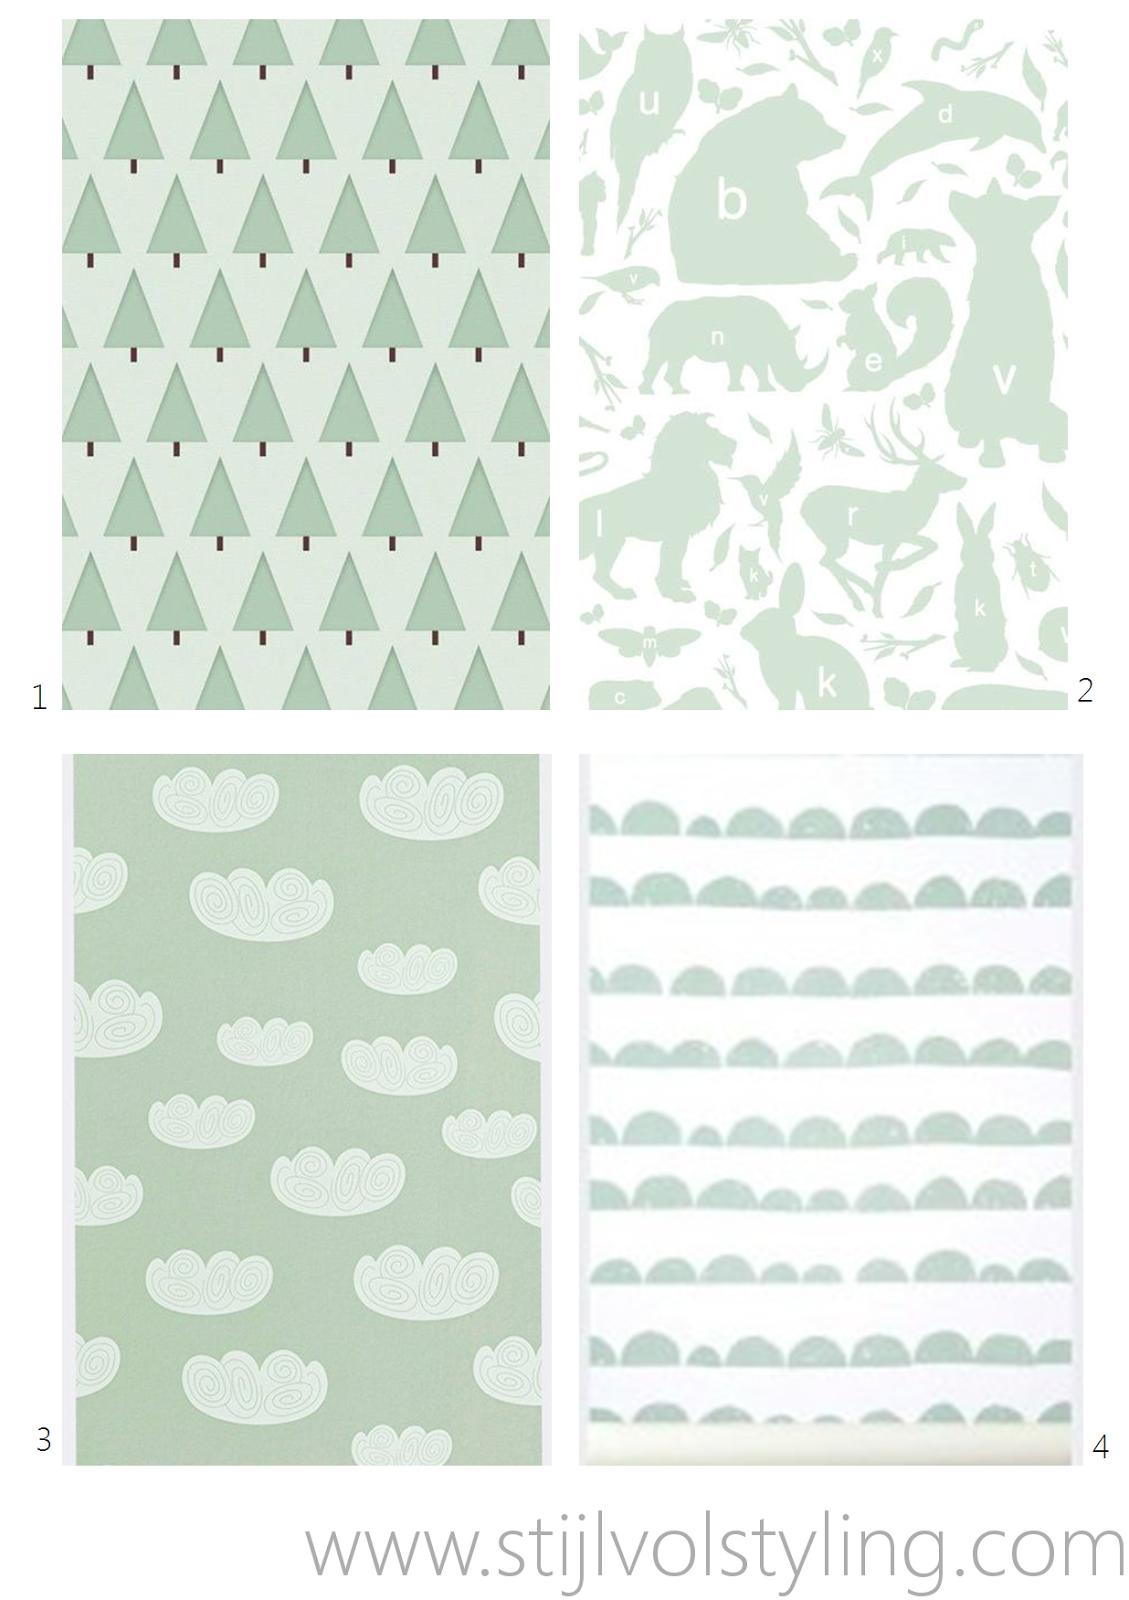 Kleur  Inspiratie voor de Babykamer & Kinderkamer in mintgroen www.stijlvolstyling ...